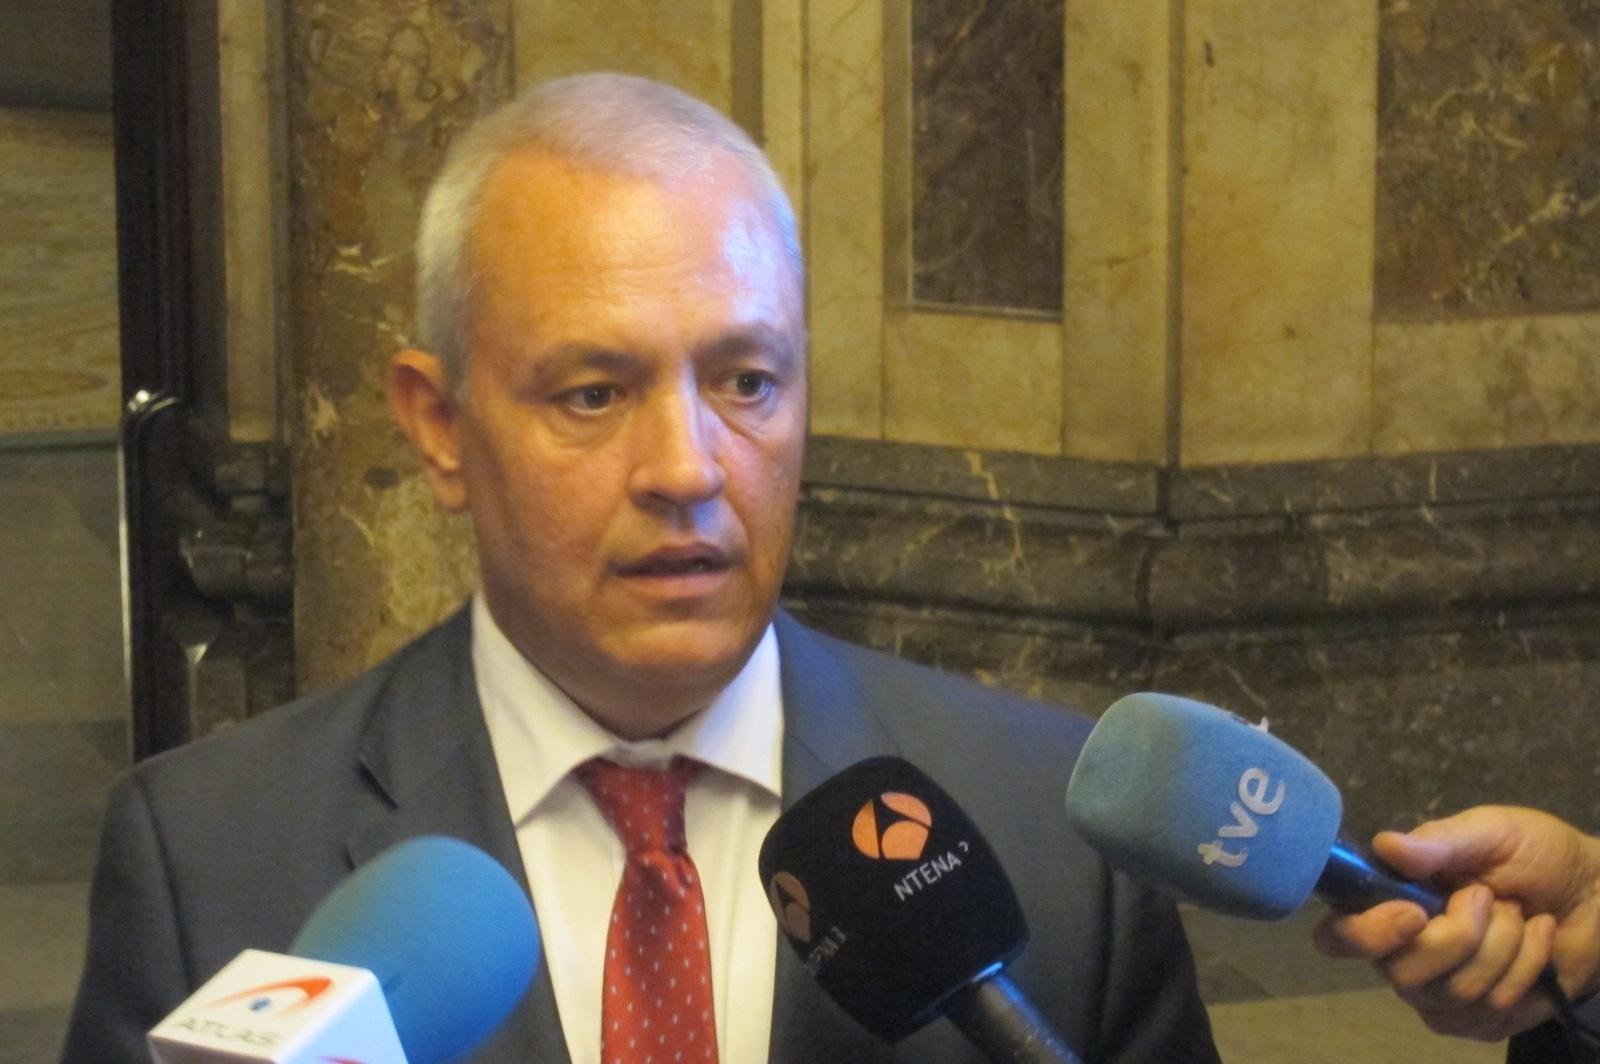 Camacho hablará de Método 3 en el Parlamento catalán cuando haya una lista completa de comparecientes